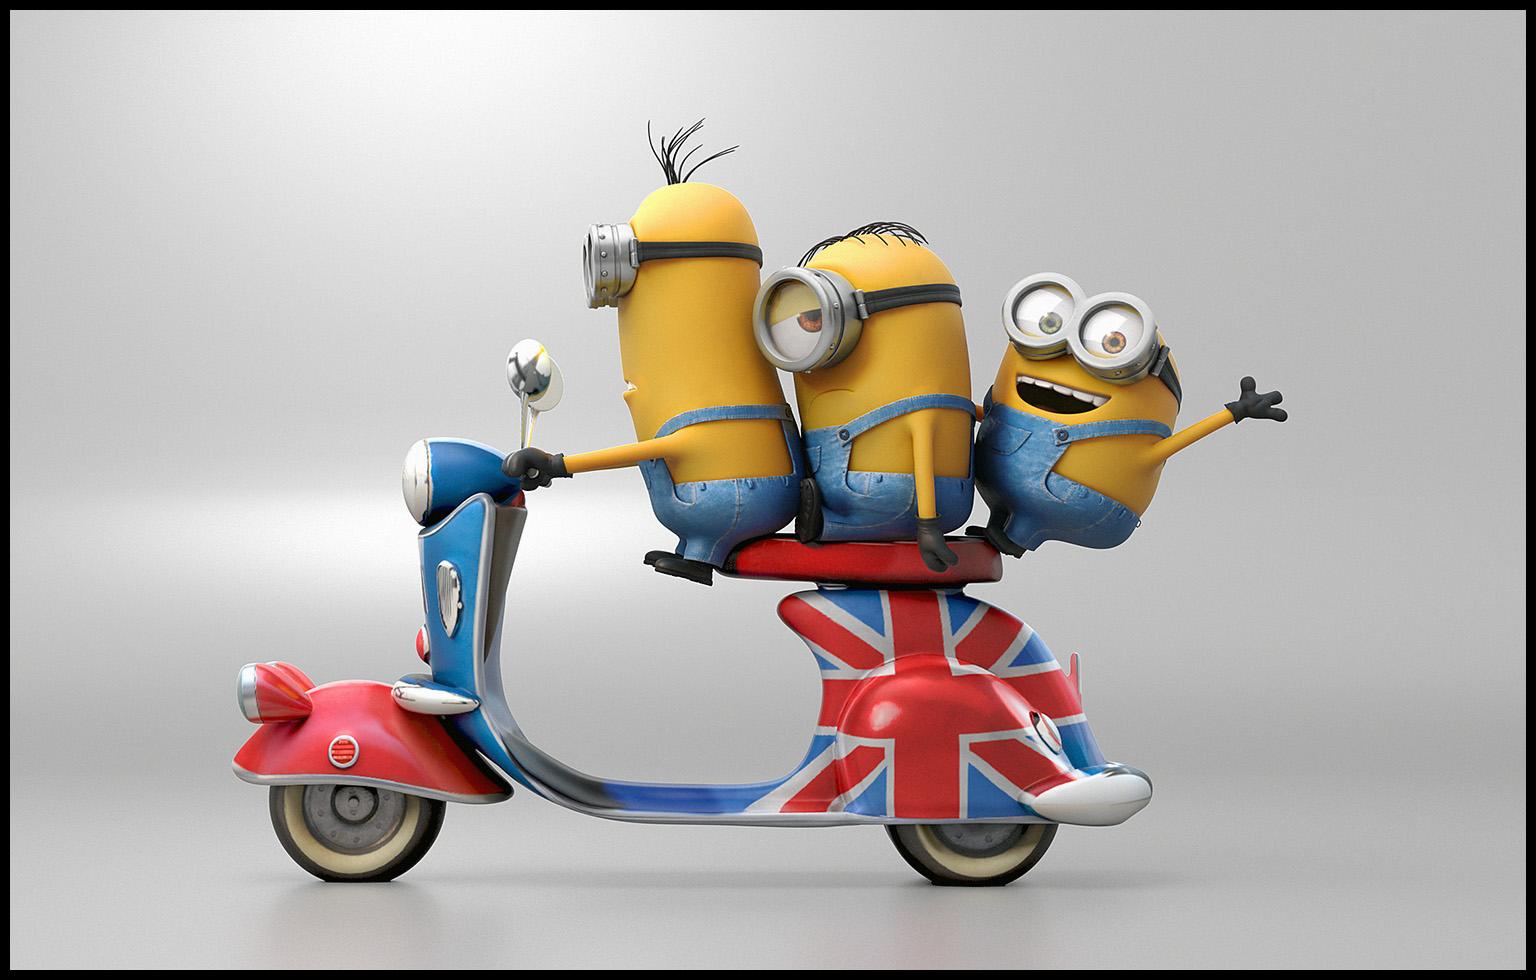 Bike riders Minions